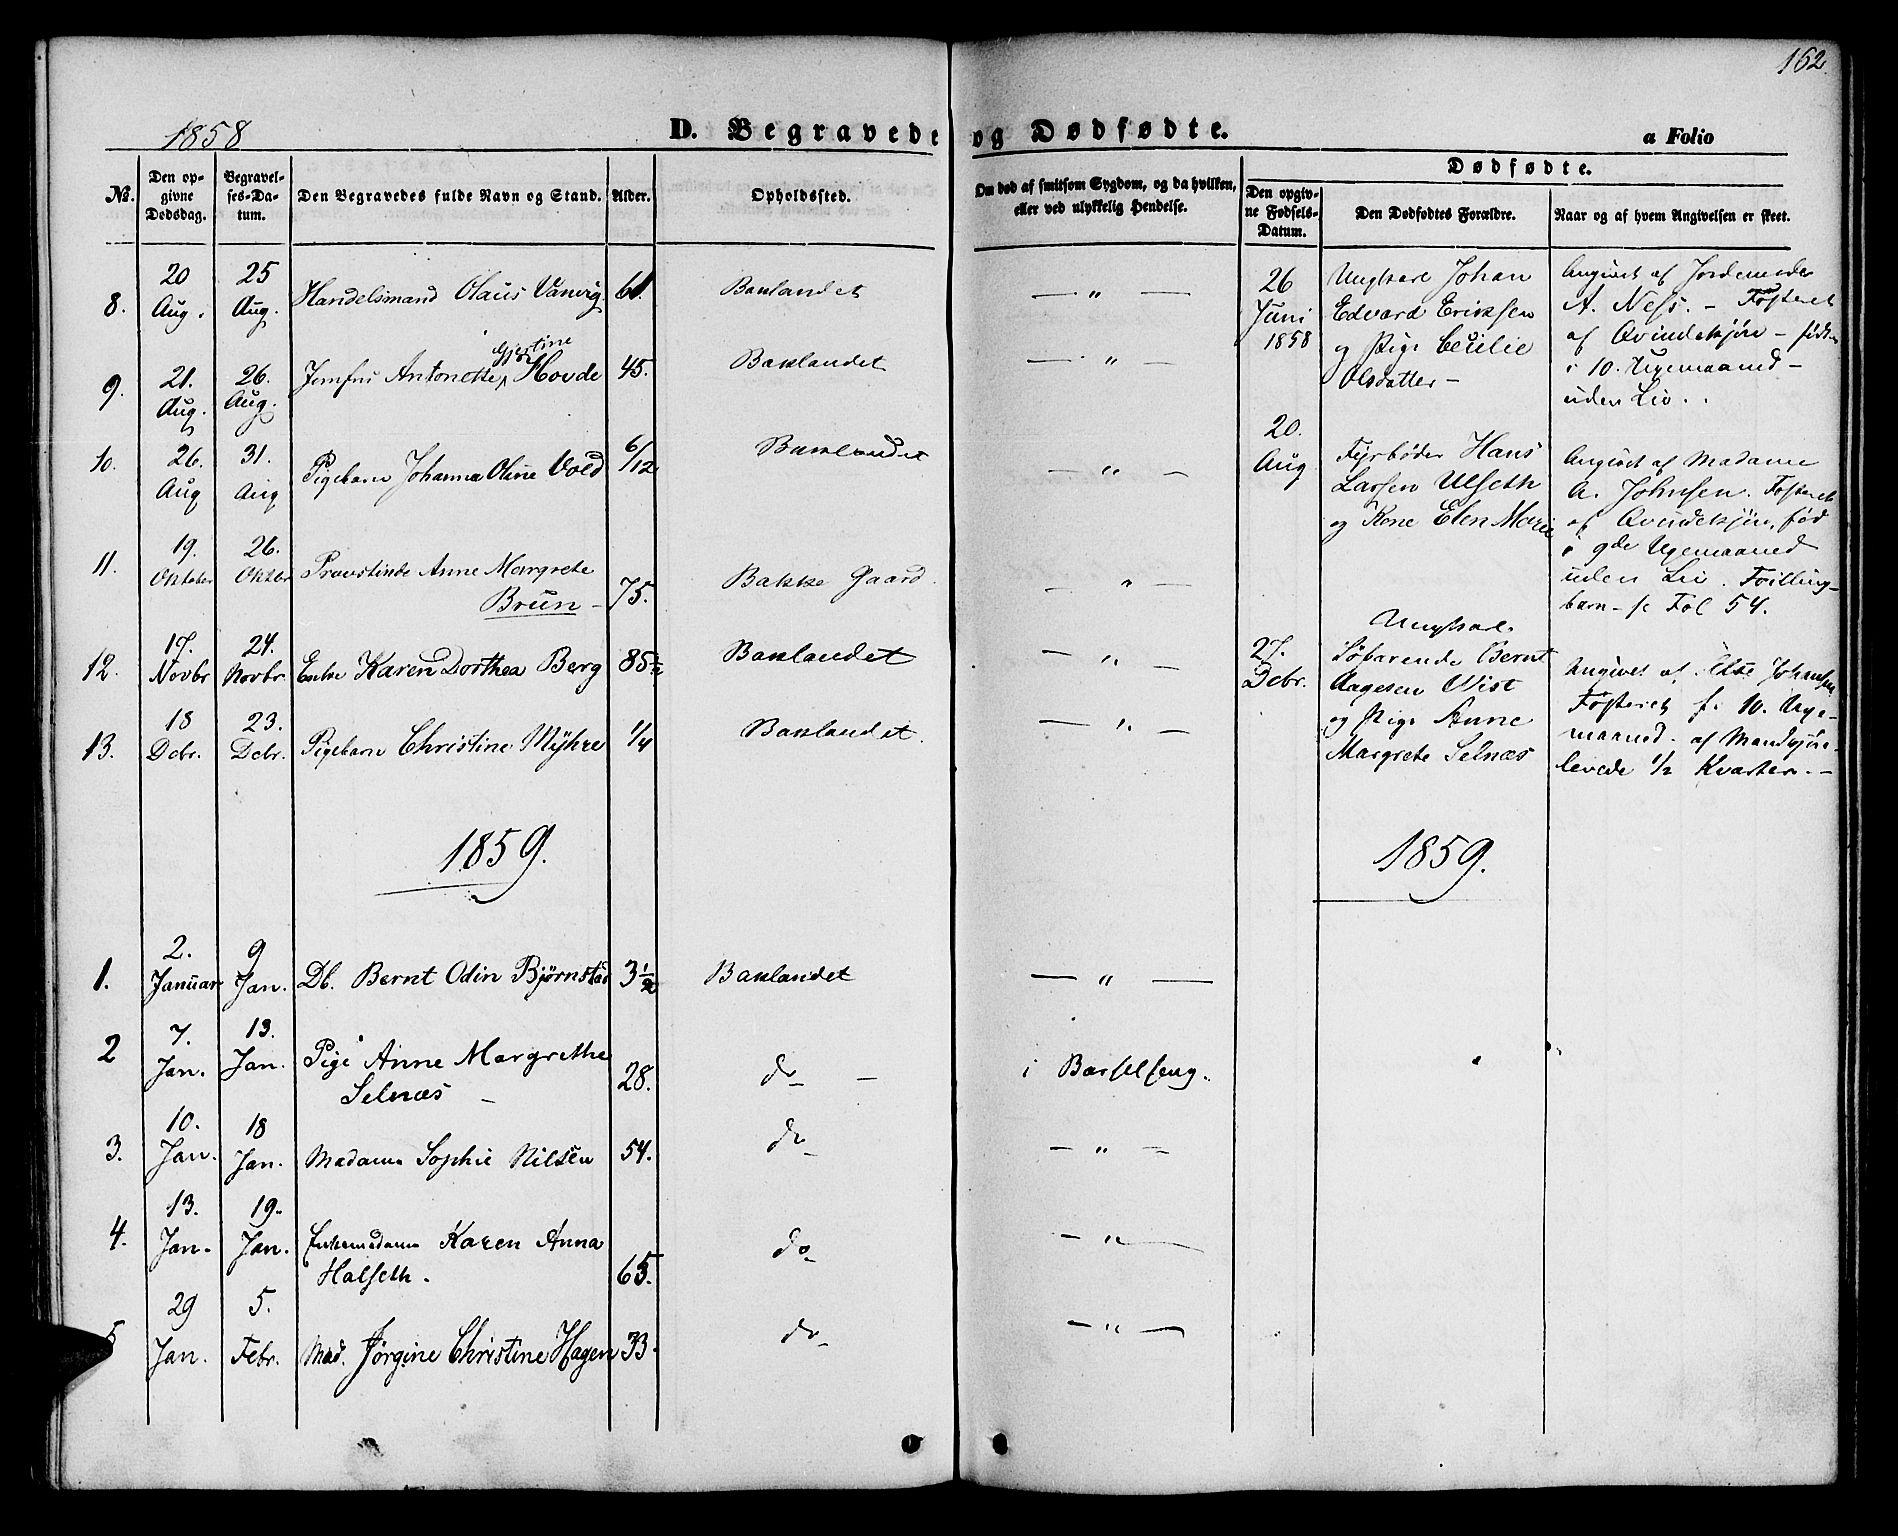 SAT, Ministerialprotokoller, klokkerbøker og fødselsregistre - Sør-Trøndelag, 604/L0184: Ministerialbok nr. 604A05, 1851-1860, s. 162